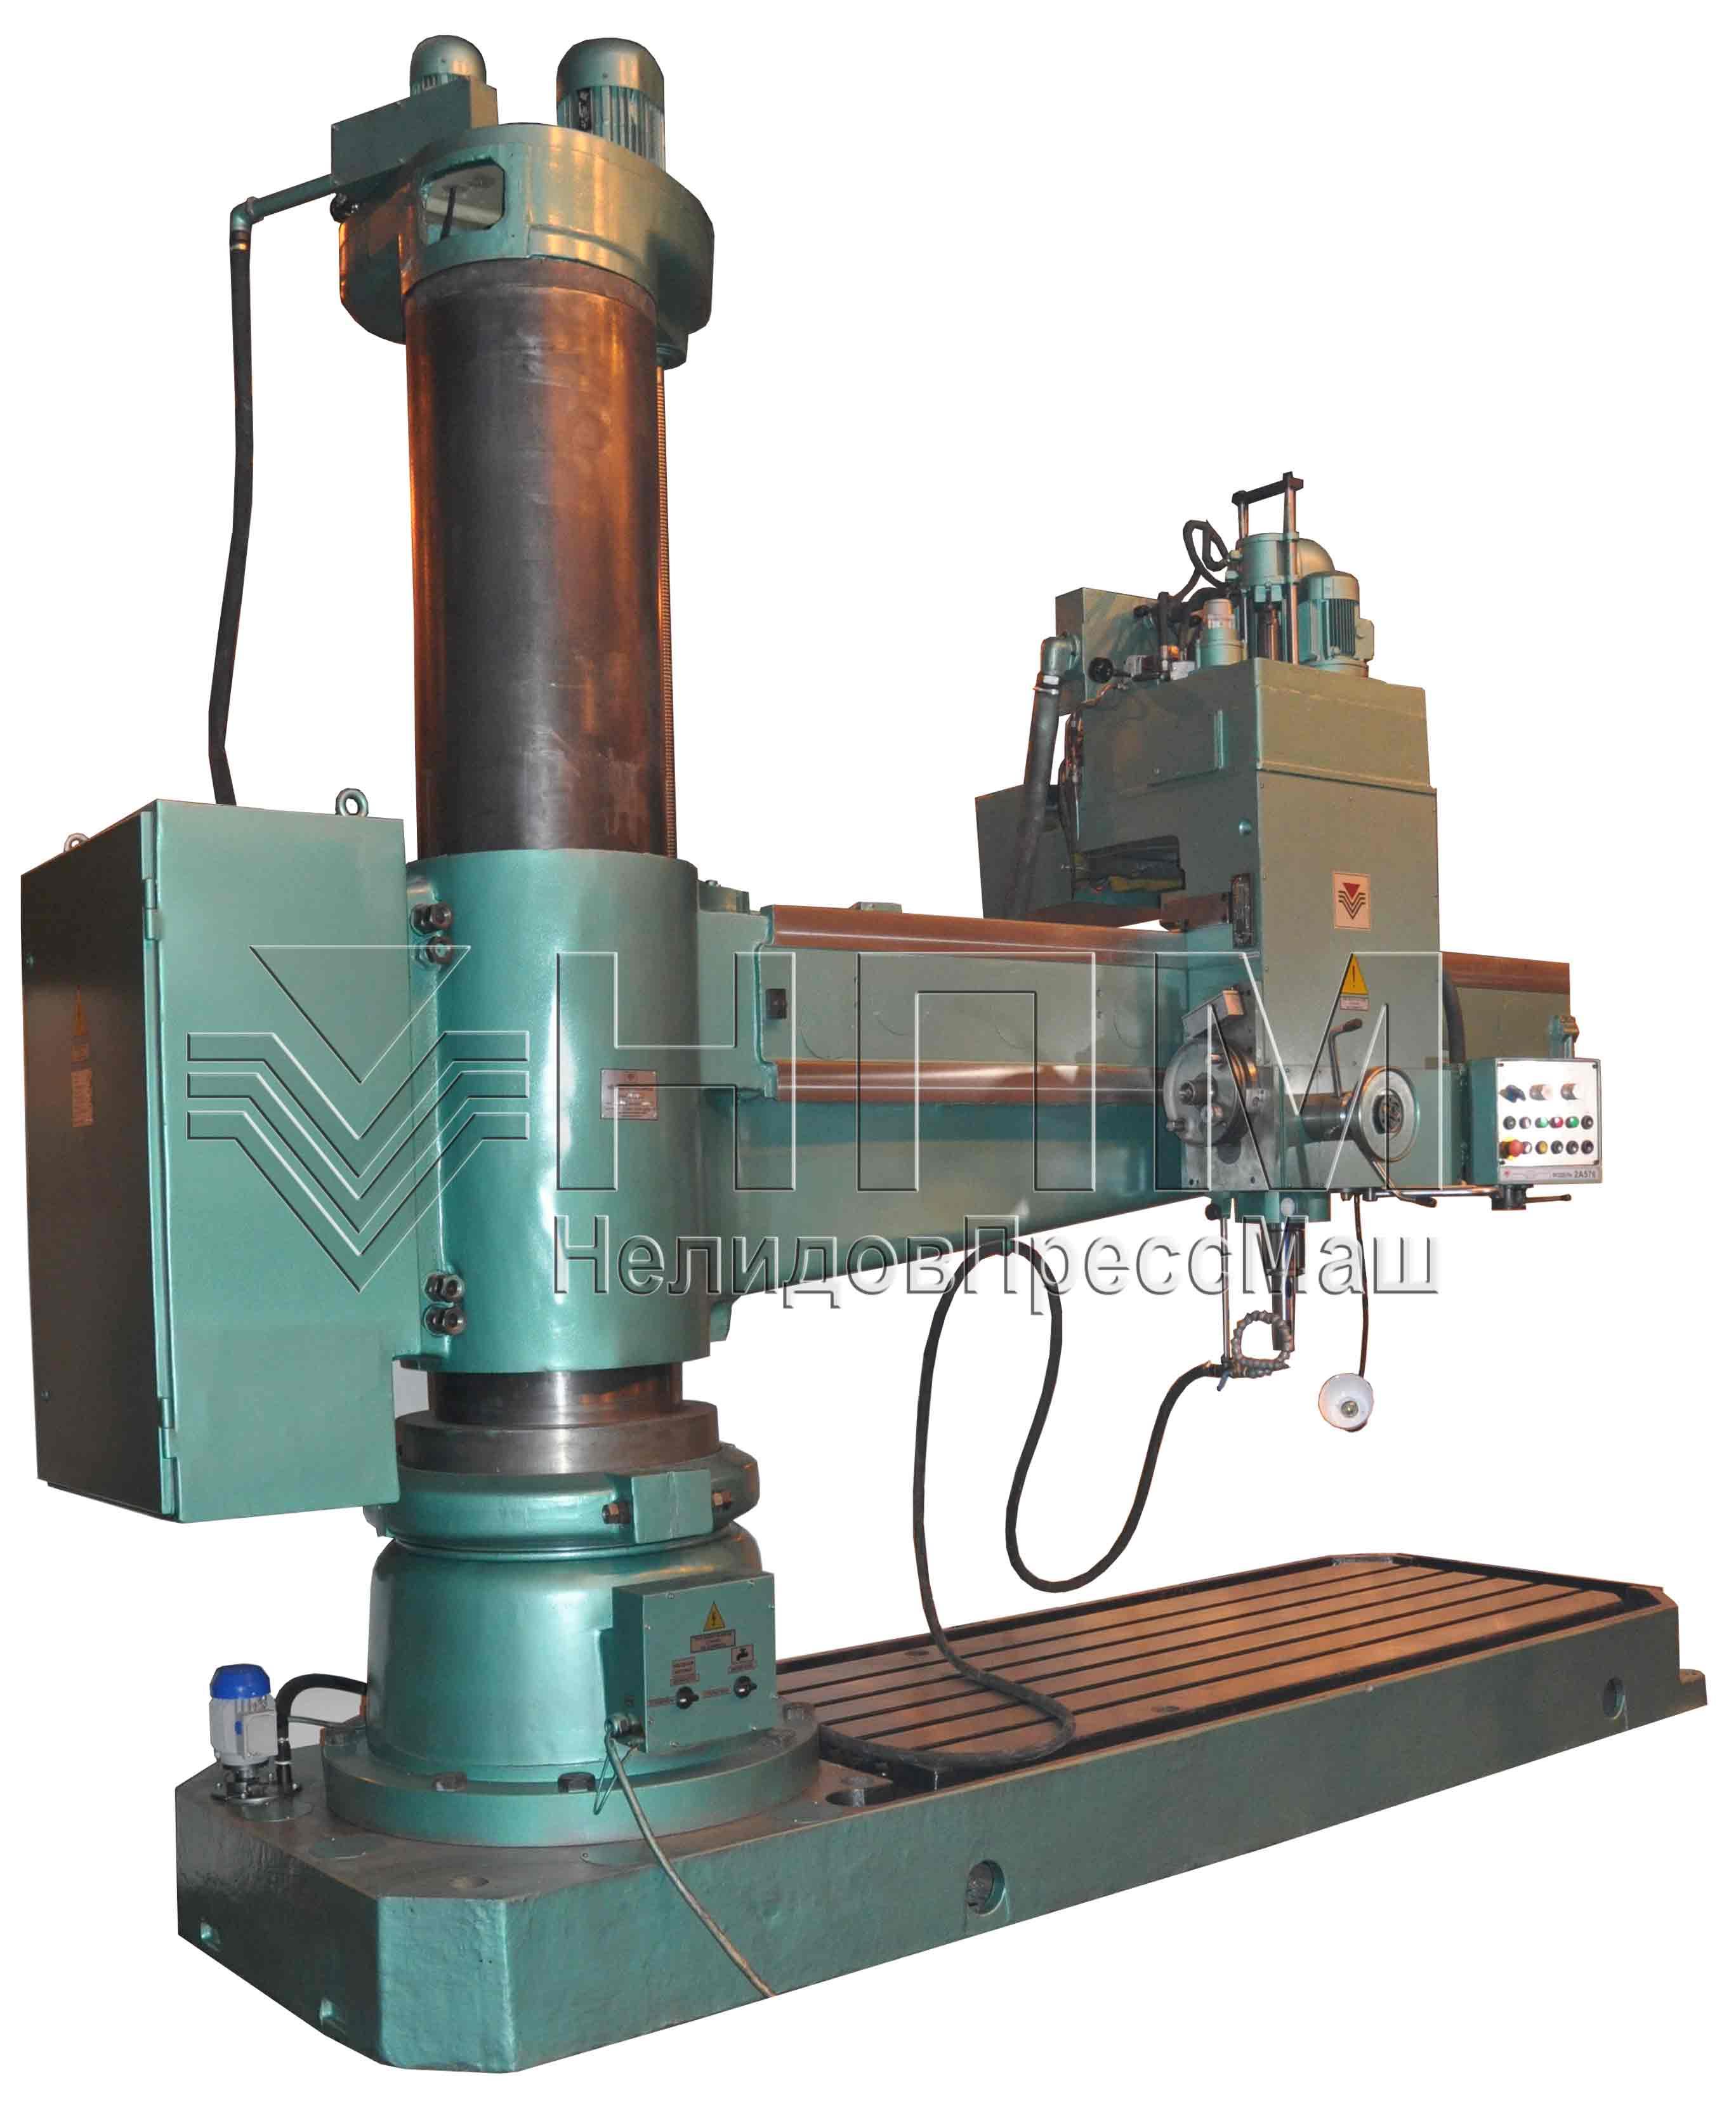 Радиально сверлильный станок: сфера применения, устройство и принцип работы